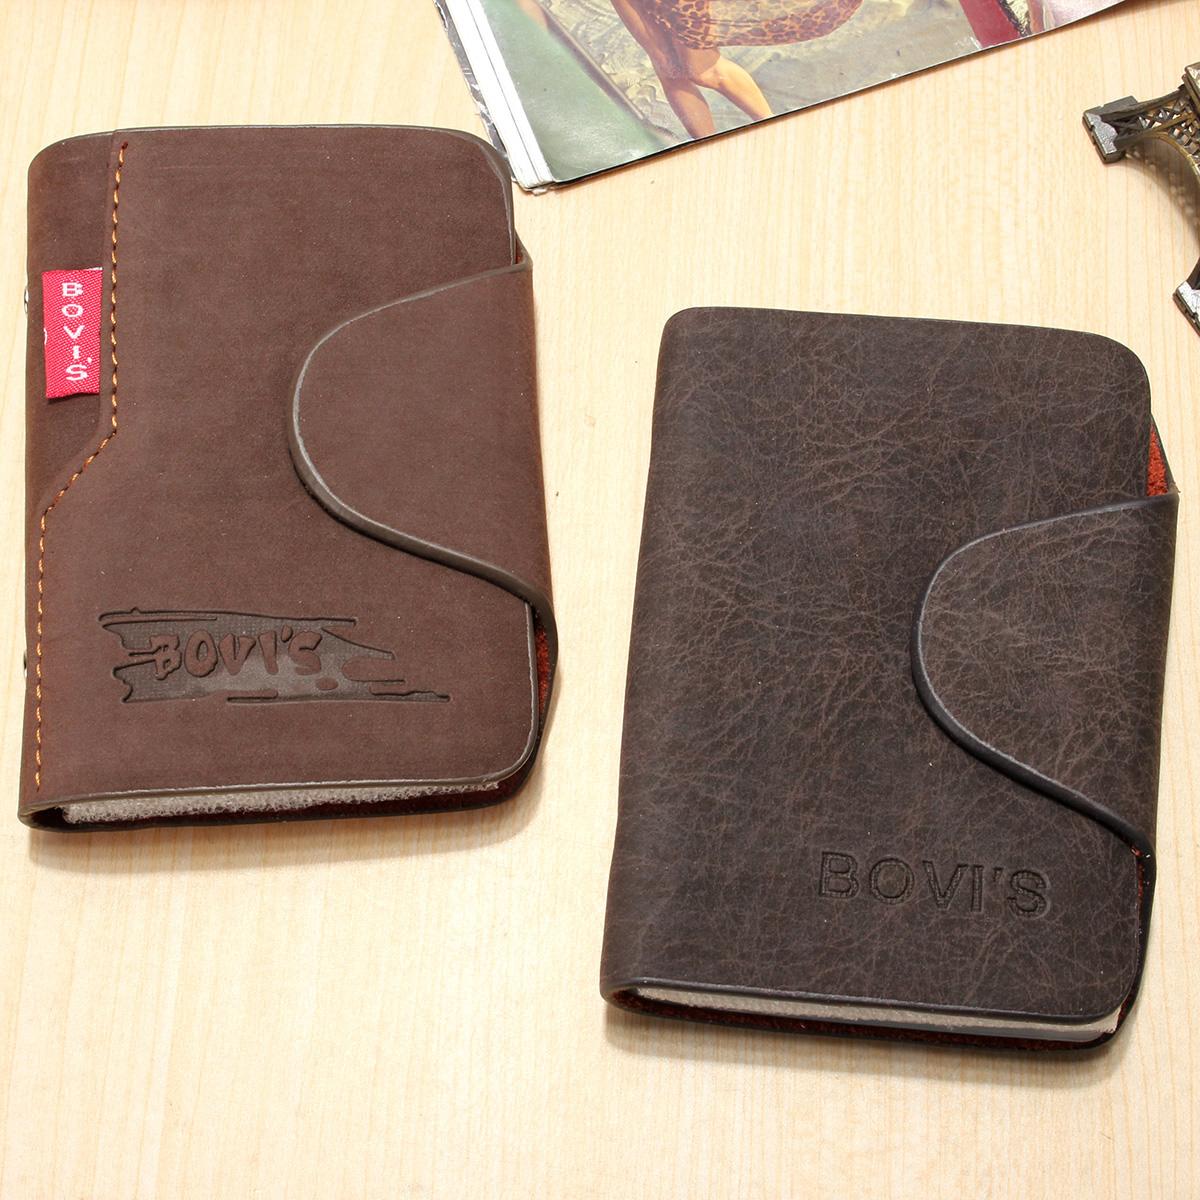 Homme porte carte cr dit cuir porte monnaie poche bourse for Porte carte homme